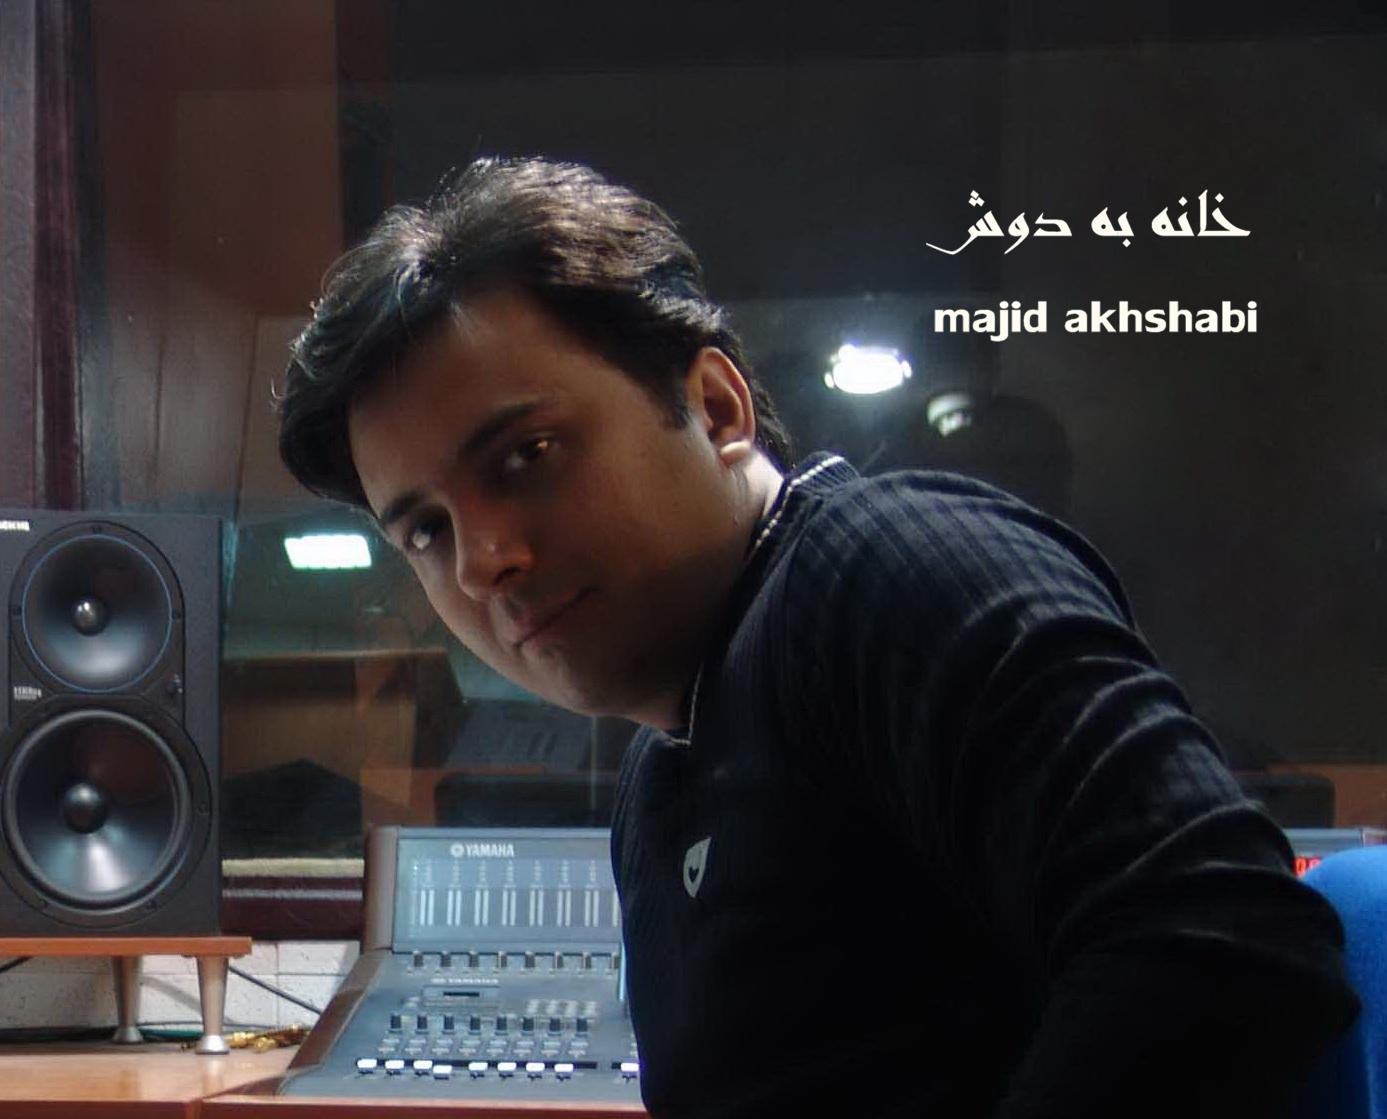 دانلود آهنگ «خانه به دوش» با صدای مجید اخشابی